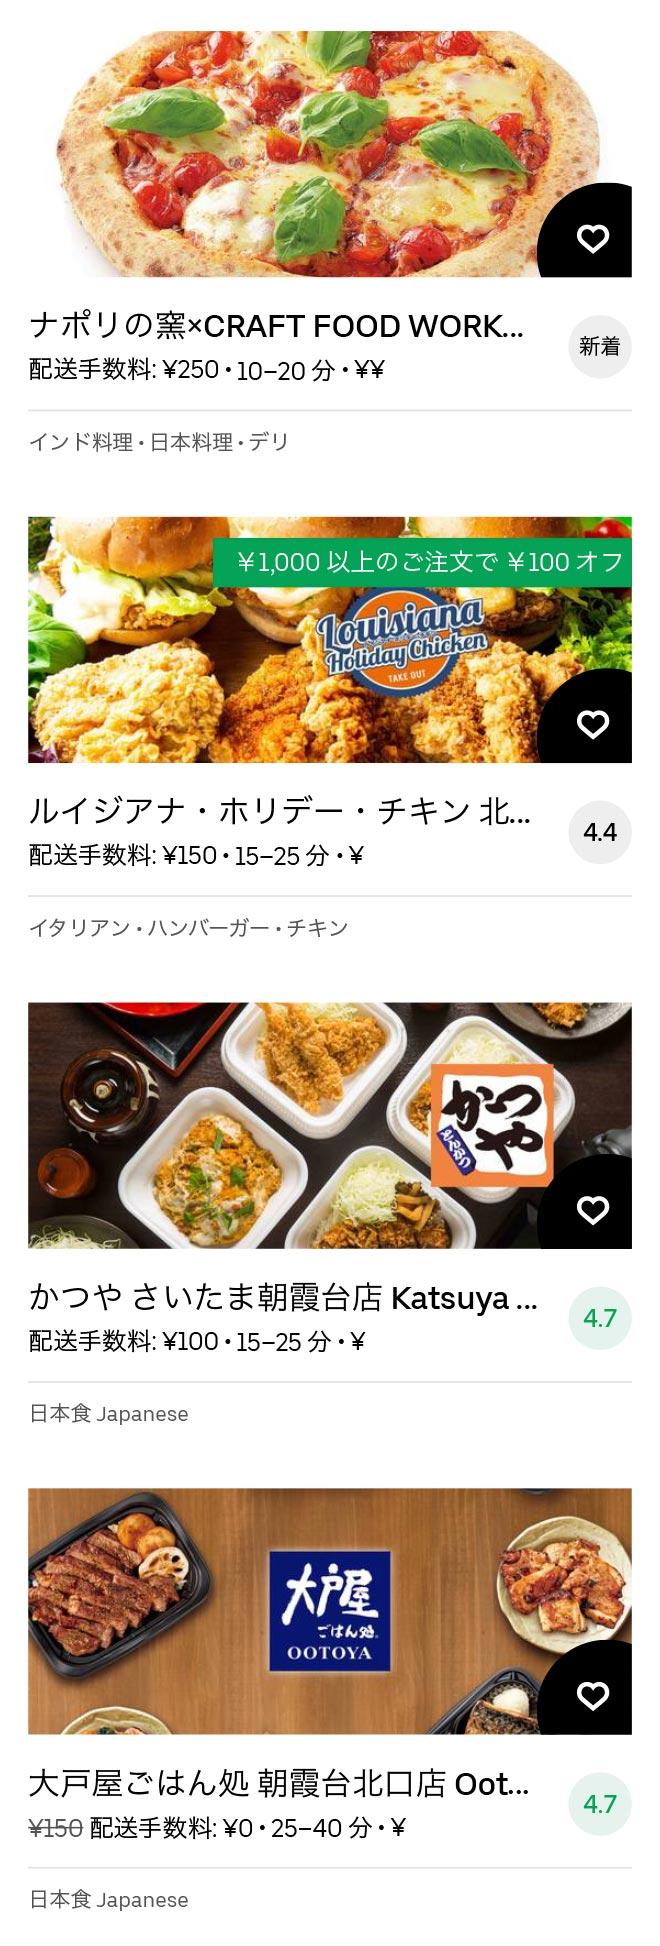 Asakadai menu 2011 02